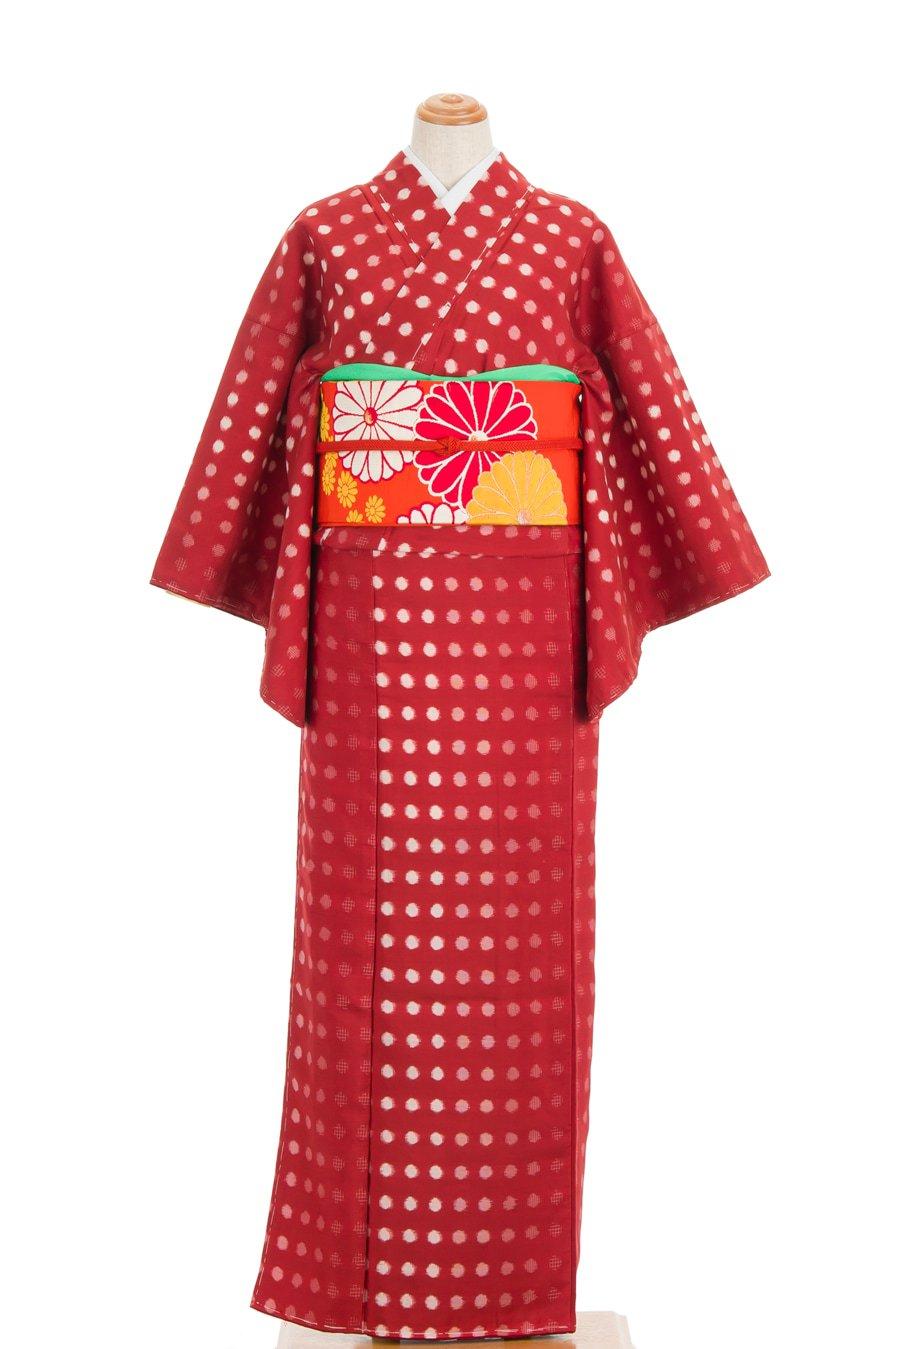 「アンティーク着物 銘仙 水玉」の商品画像